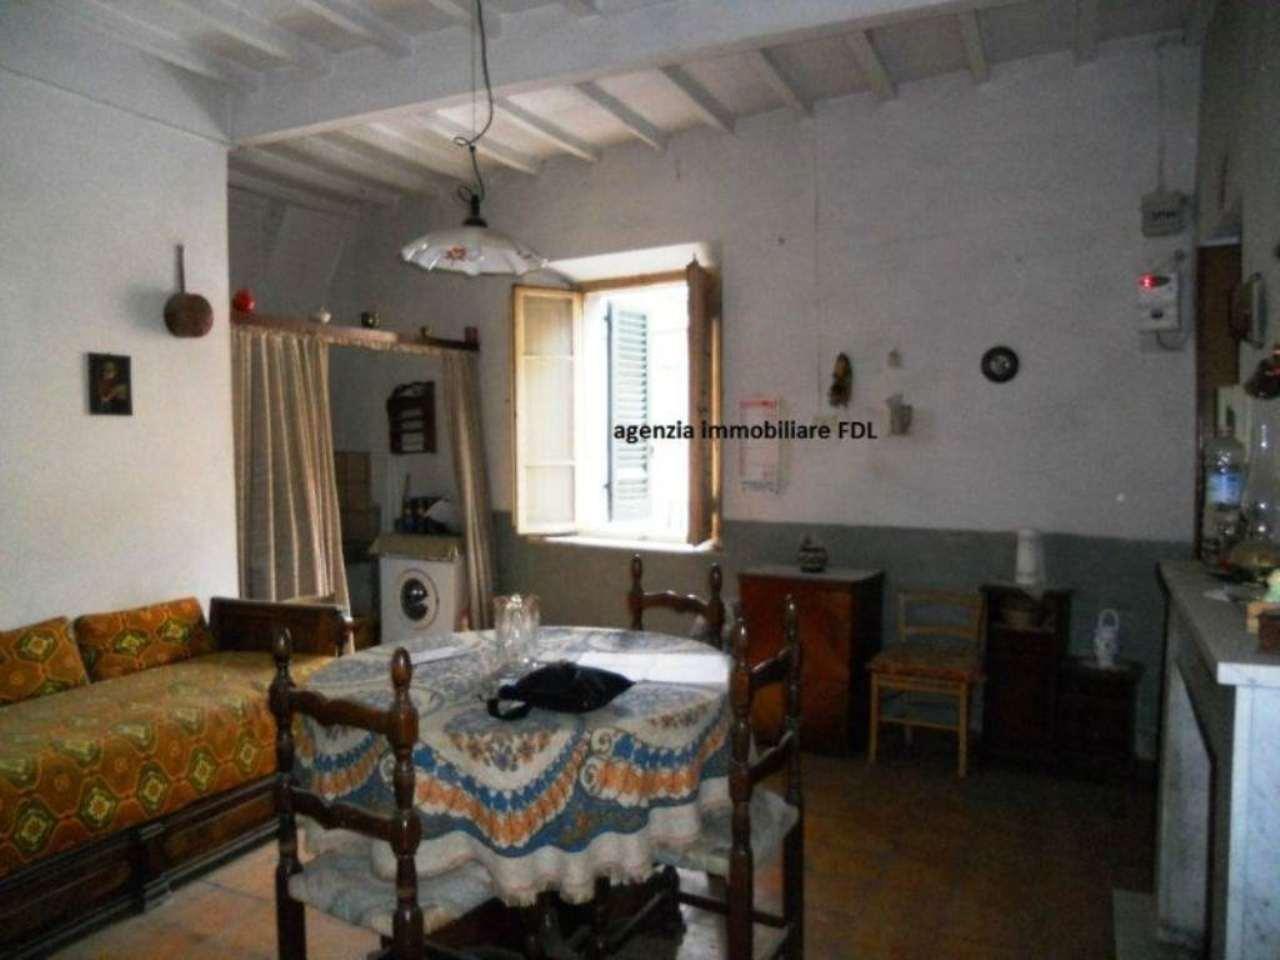 Appartamento in vendita a Chianni, 5 locali, prezzo € 35.000 | PortaleAgenzieImmobiliari.it